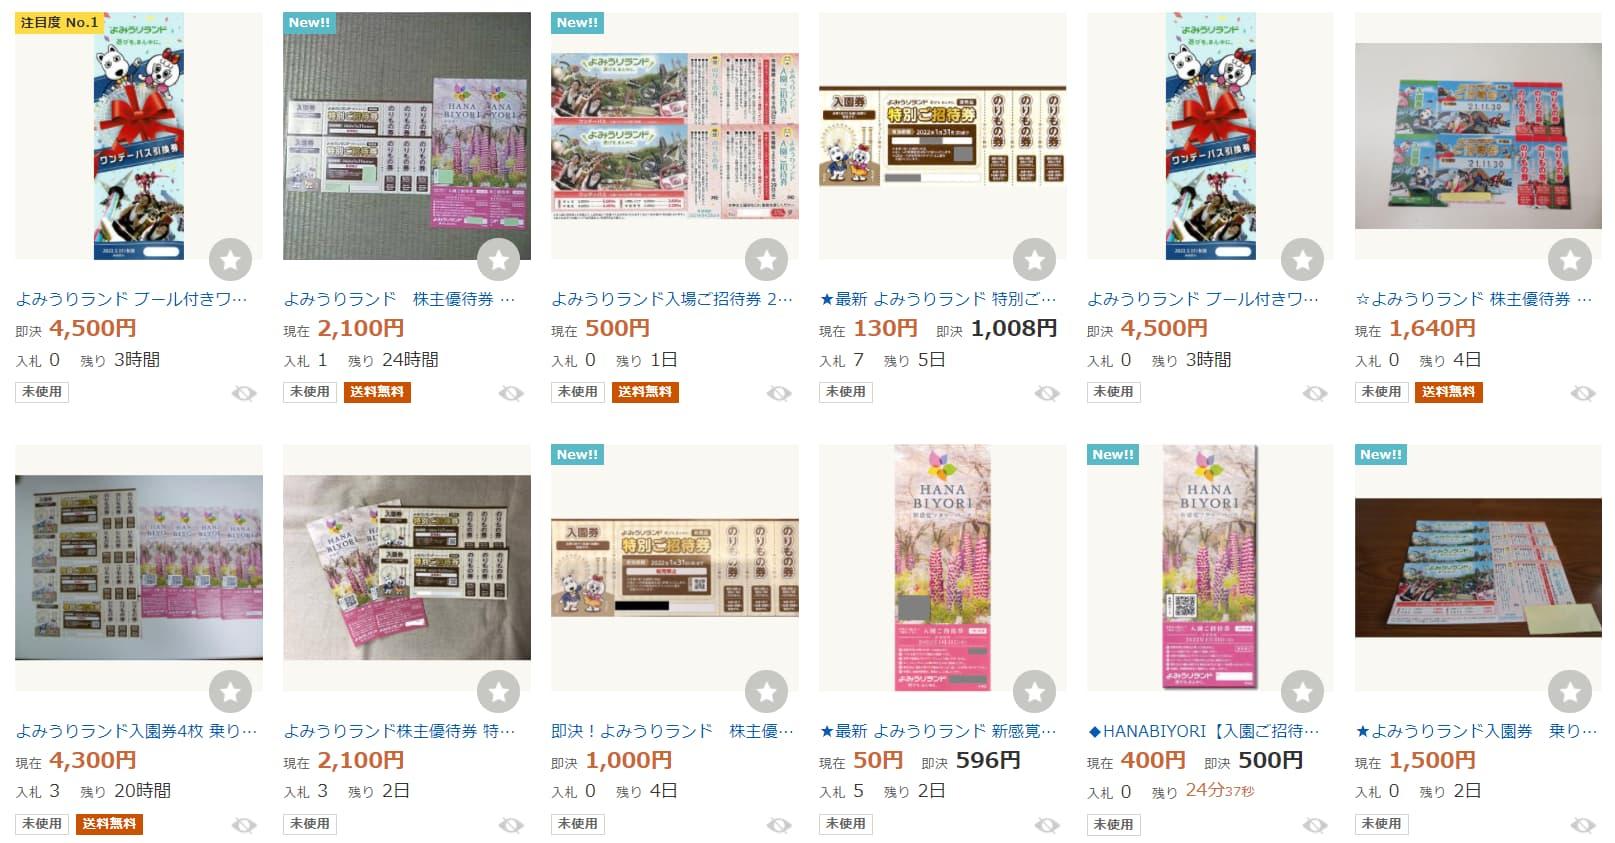 よみうりランドチケット割引クーポン(Yahoo!オークション(ヤフオク))